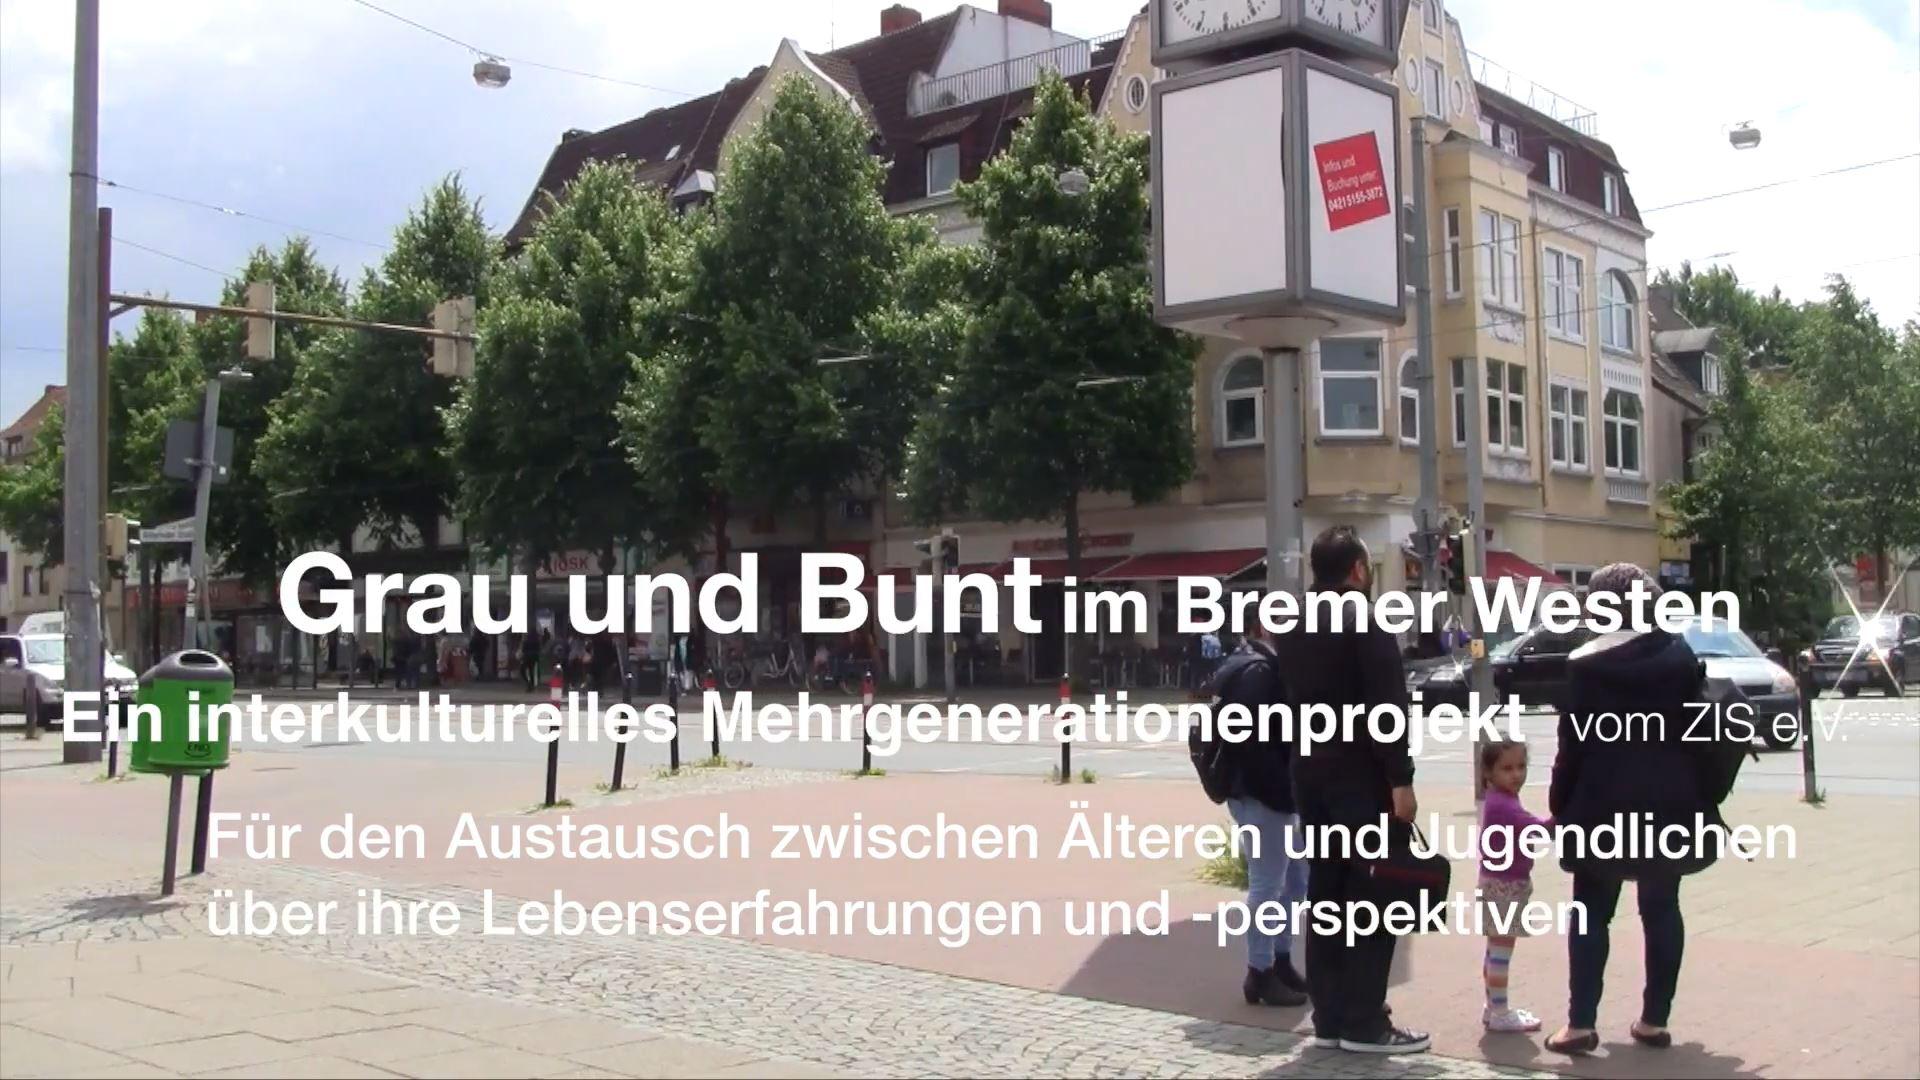 GrauBuntTitel (c) ZIS